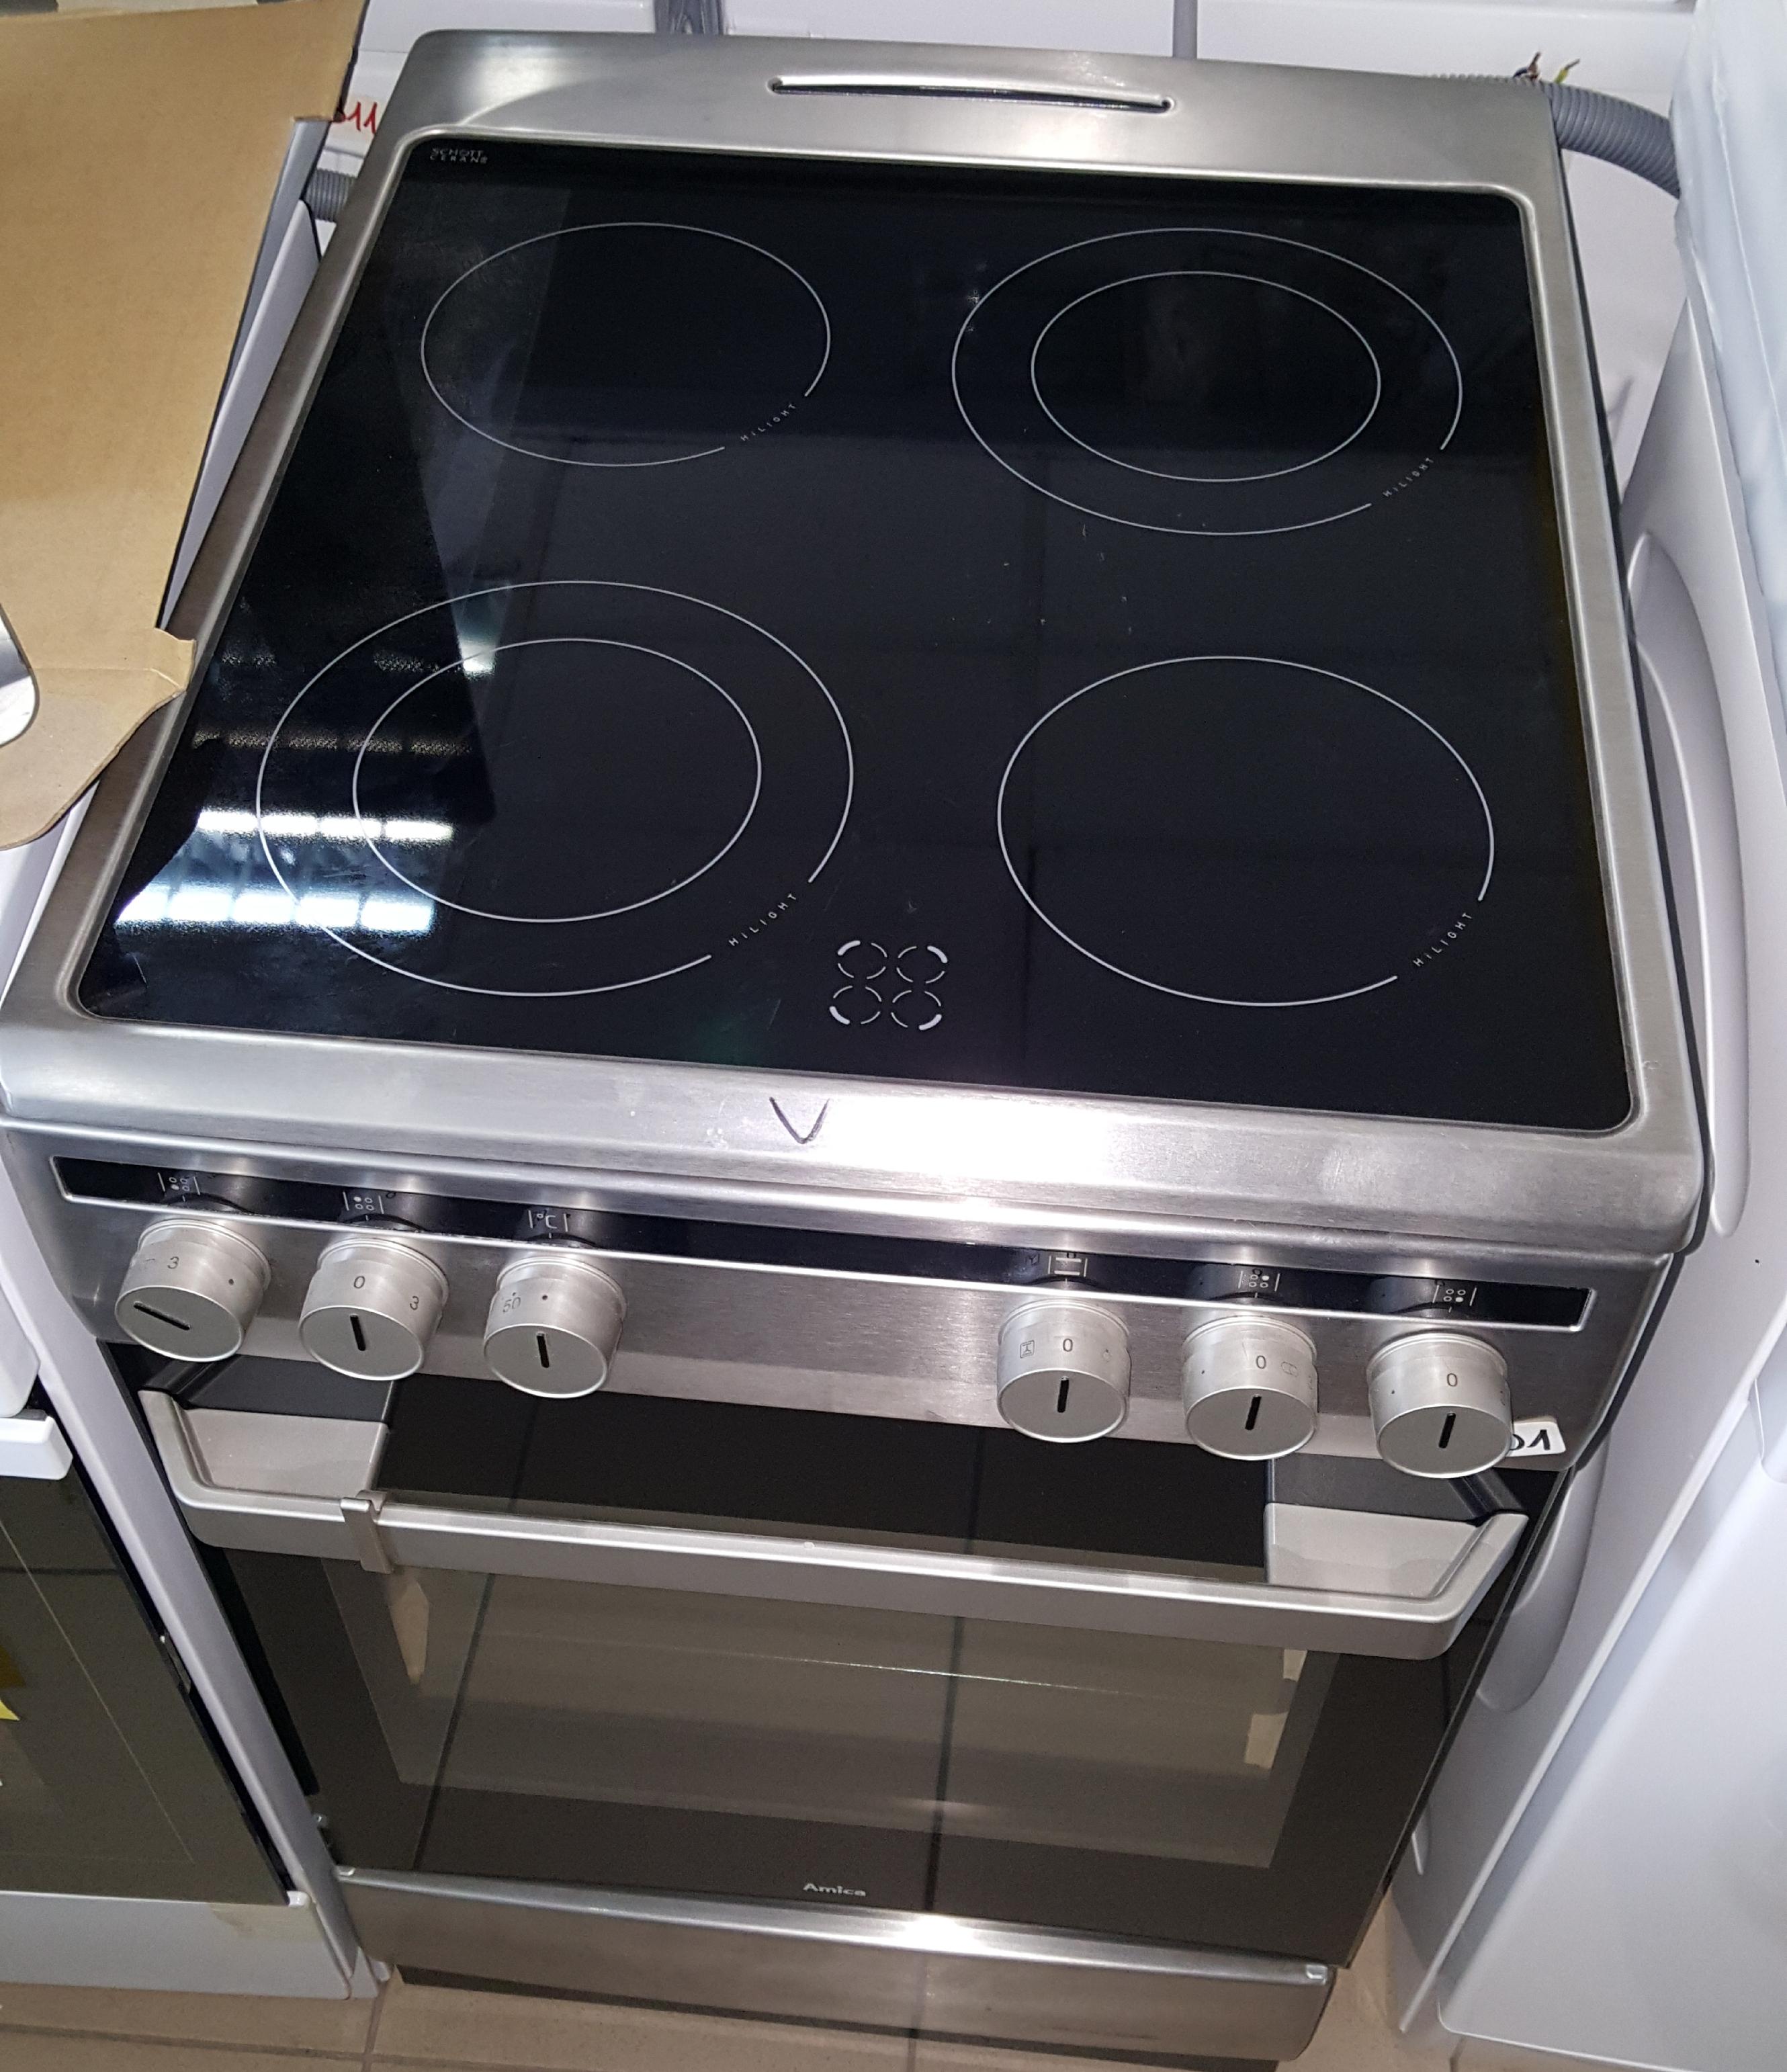 Kuchnia elektryczna z płytą ceramiczną Amica 58CE2 315HQ(XX)  Ekspert Serwis